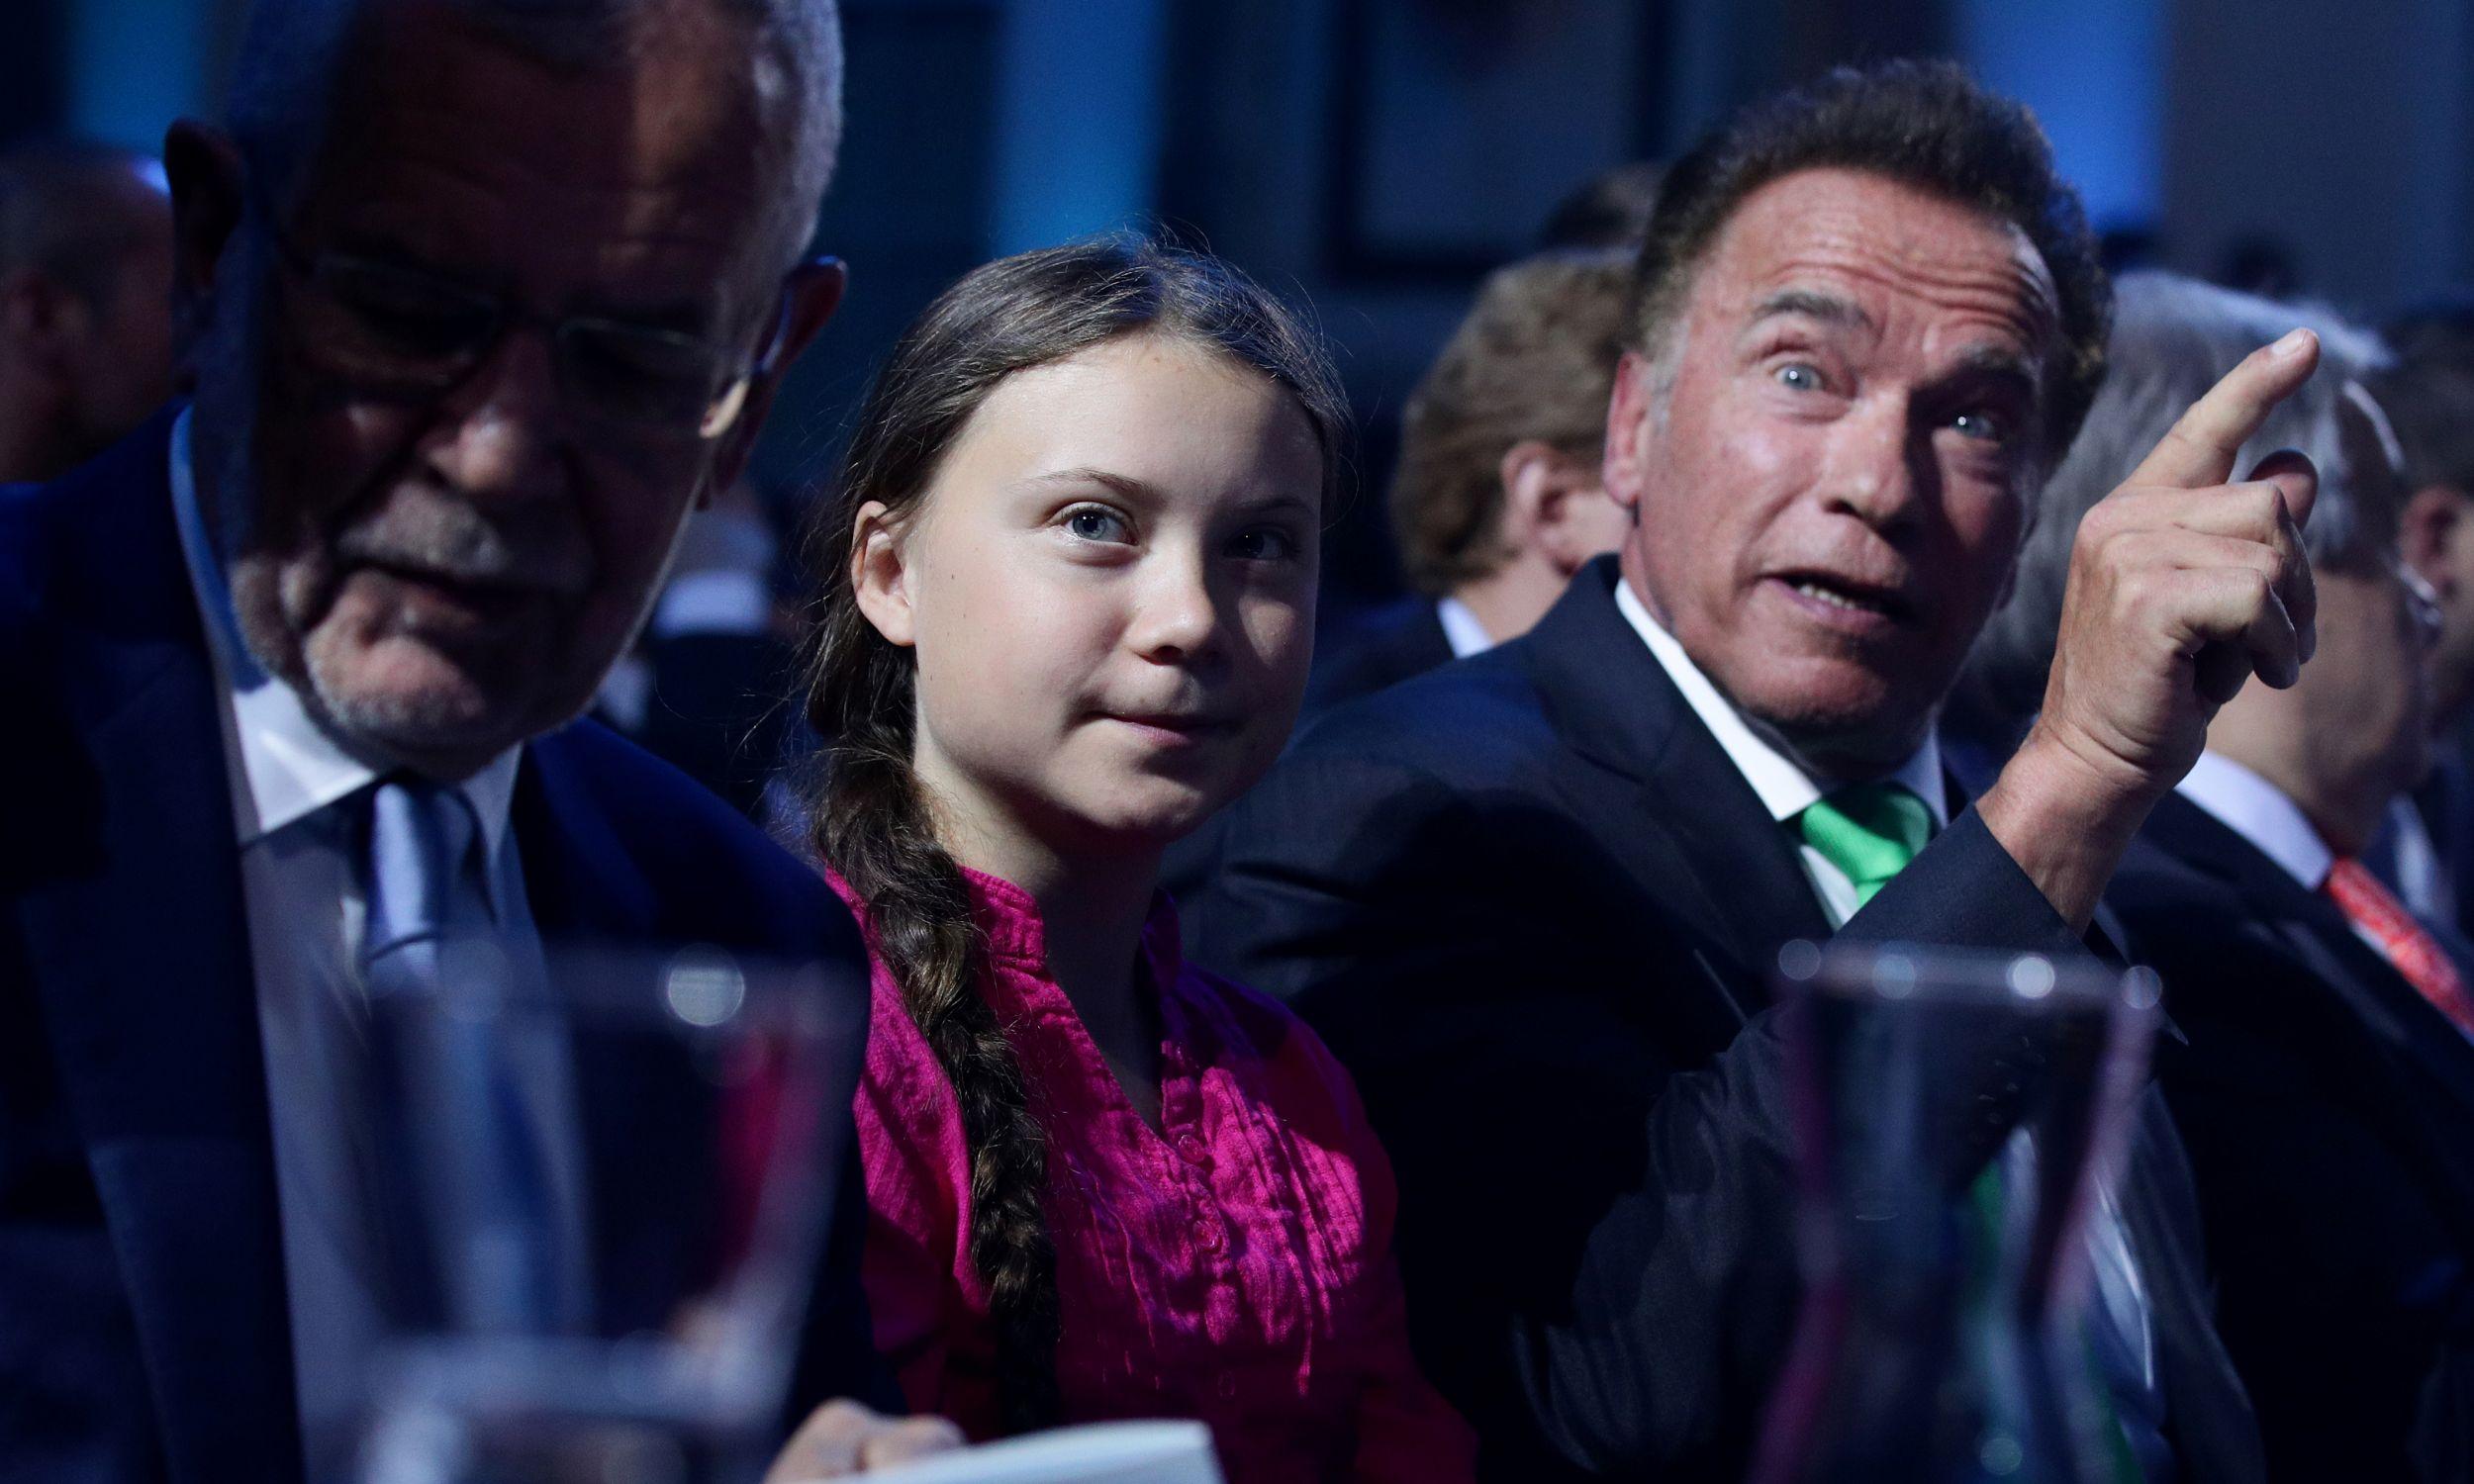 Z byłym gubernatorem Kaliforni Arnoldem Schwarzeneggerem i prezydentem Austrii Aleksandrem Van der Bellenem. Fot. REUTERS/Lisi Niesner